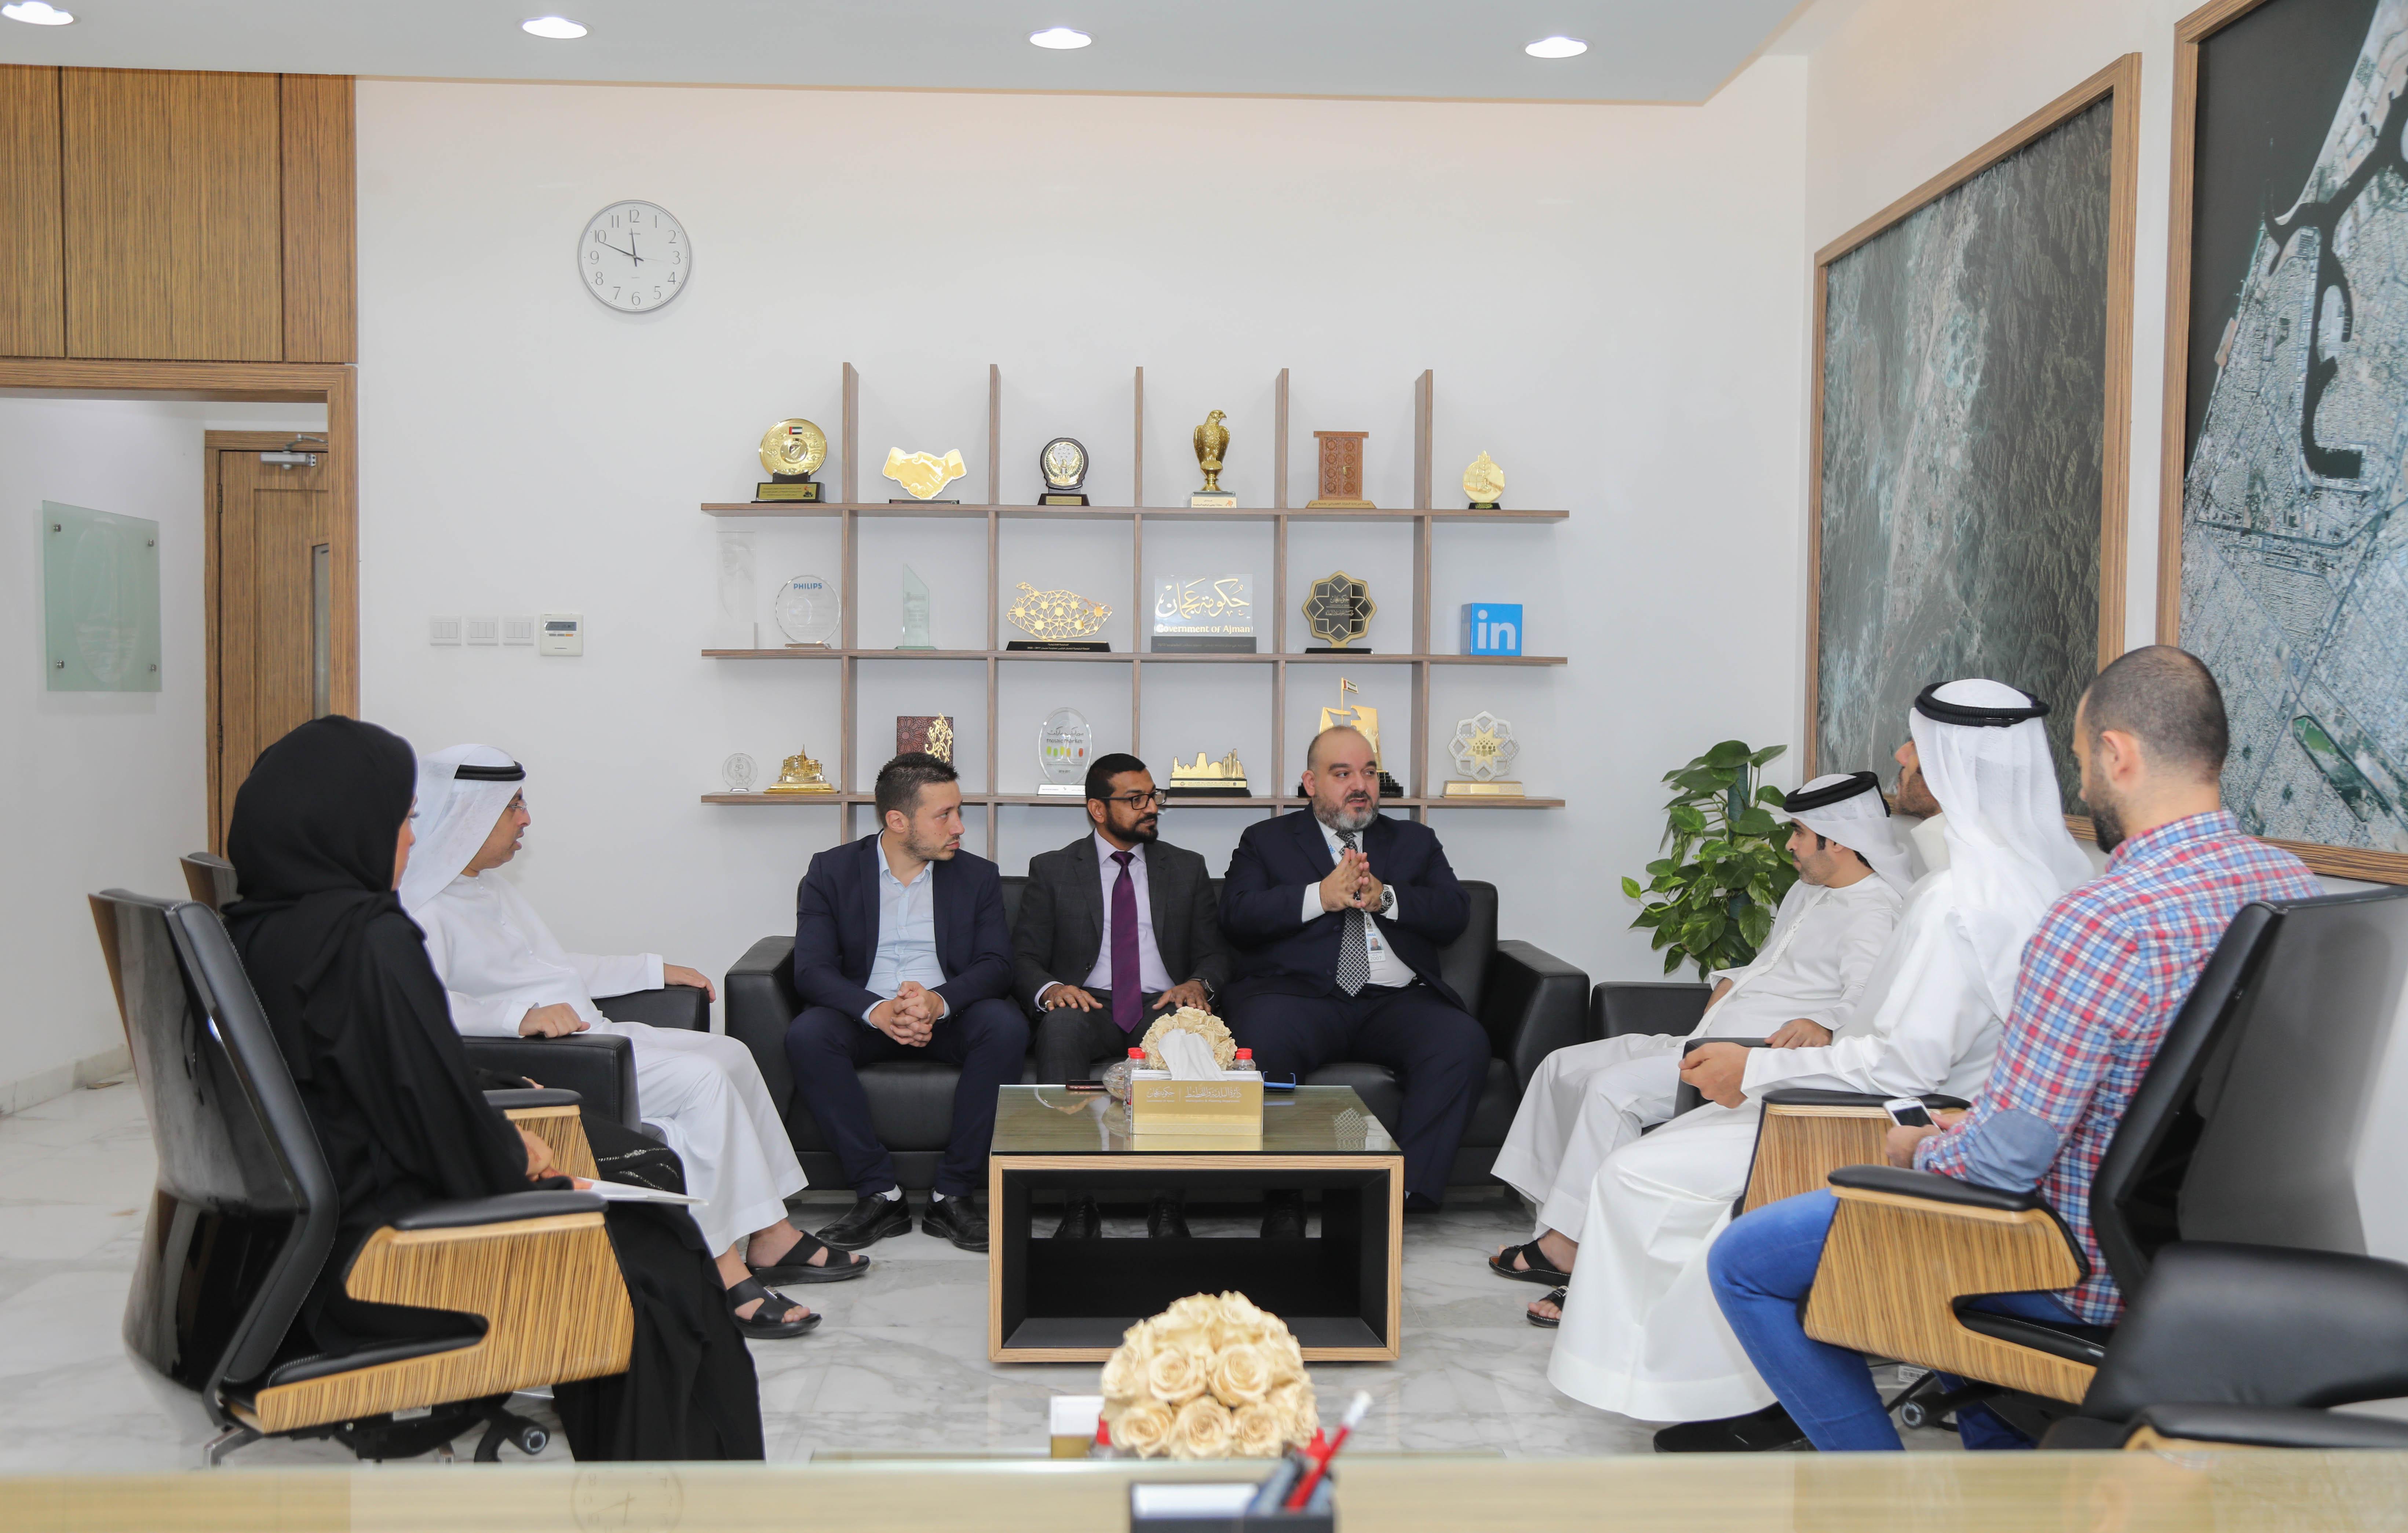 بلدية عجمان توقع عقدا لتنفيذ المرحلة الثانية من مشروع سند الاستراتيجي